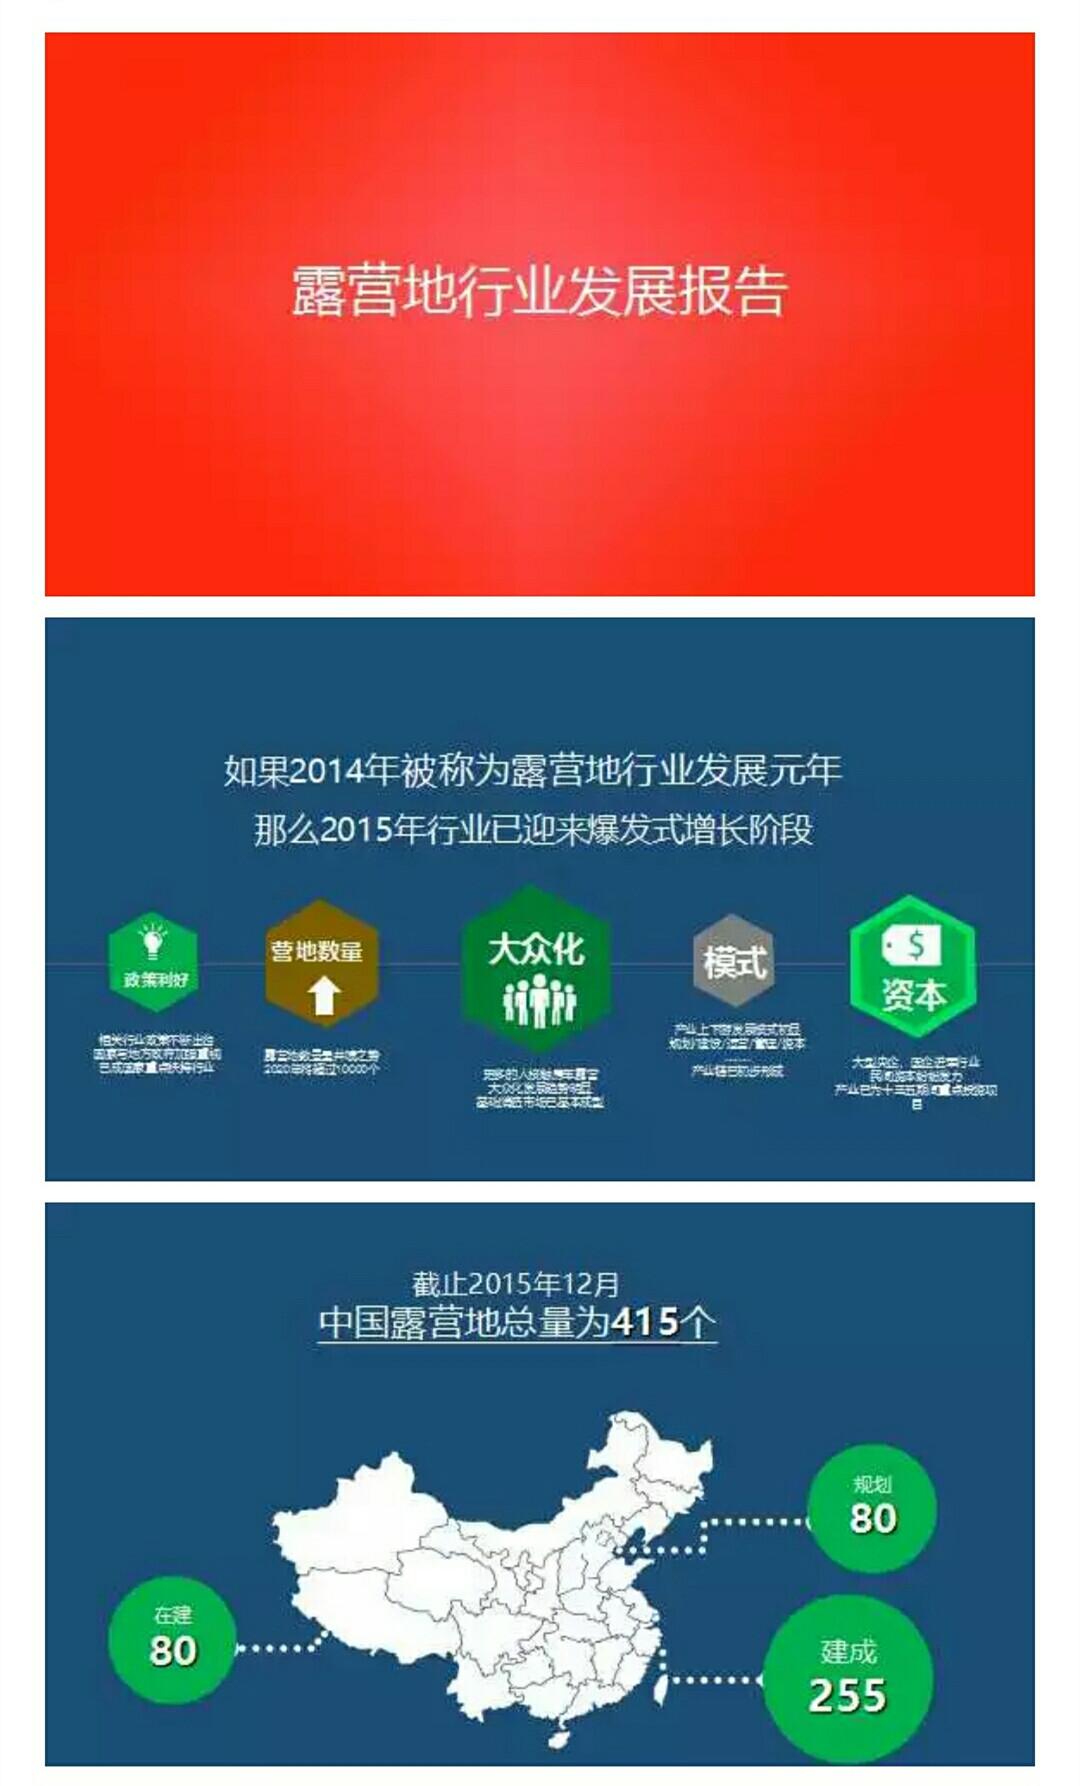 孙建东:发布行业聚焦—露营地行业发展报告